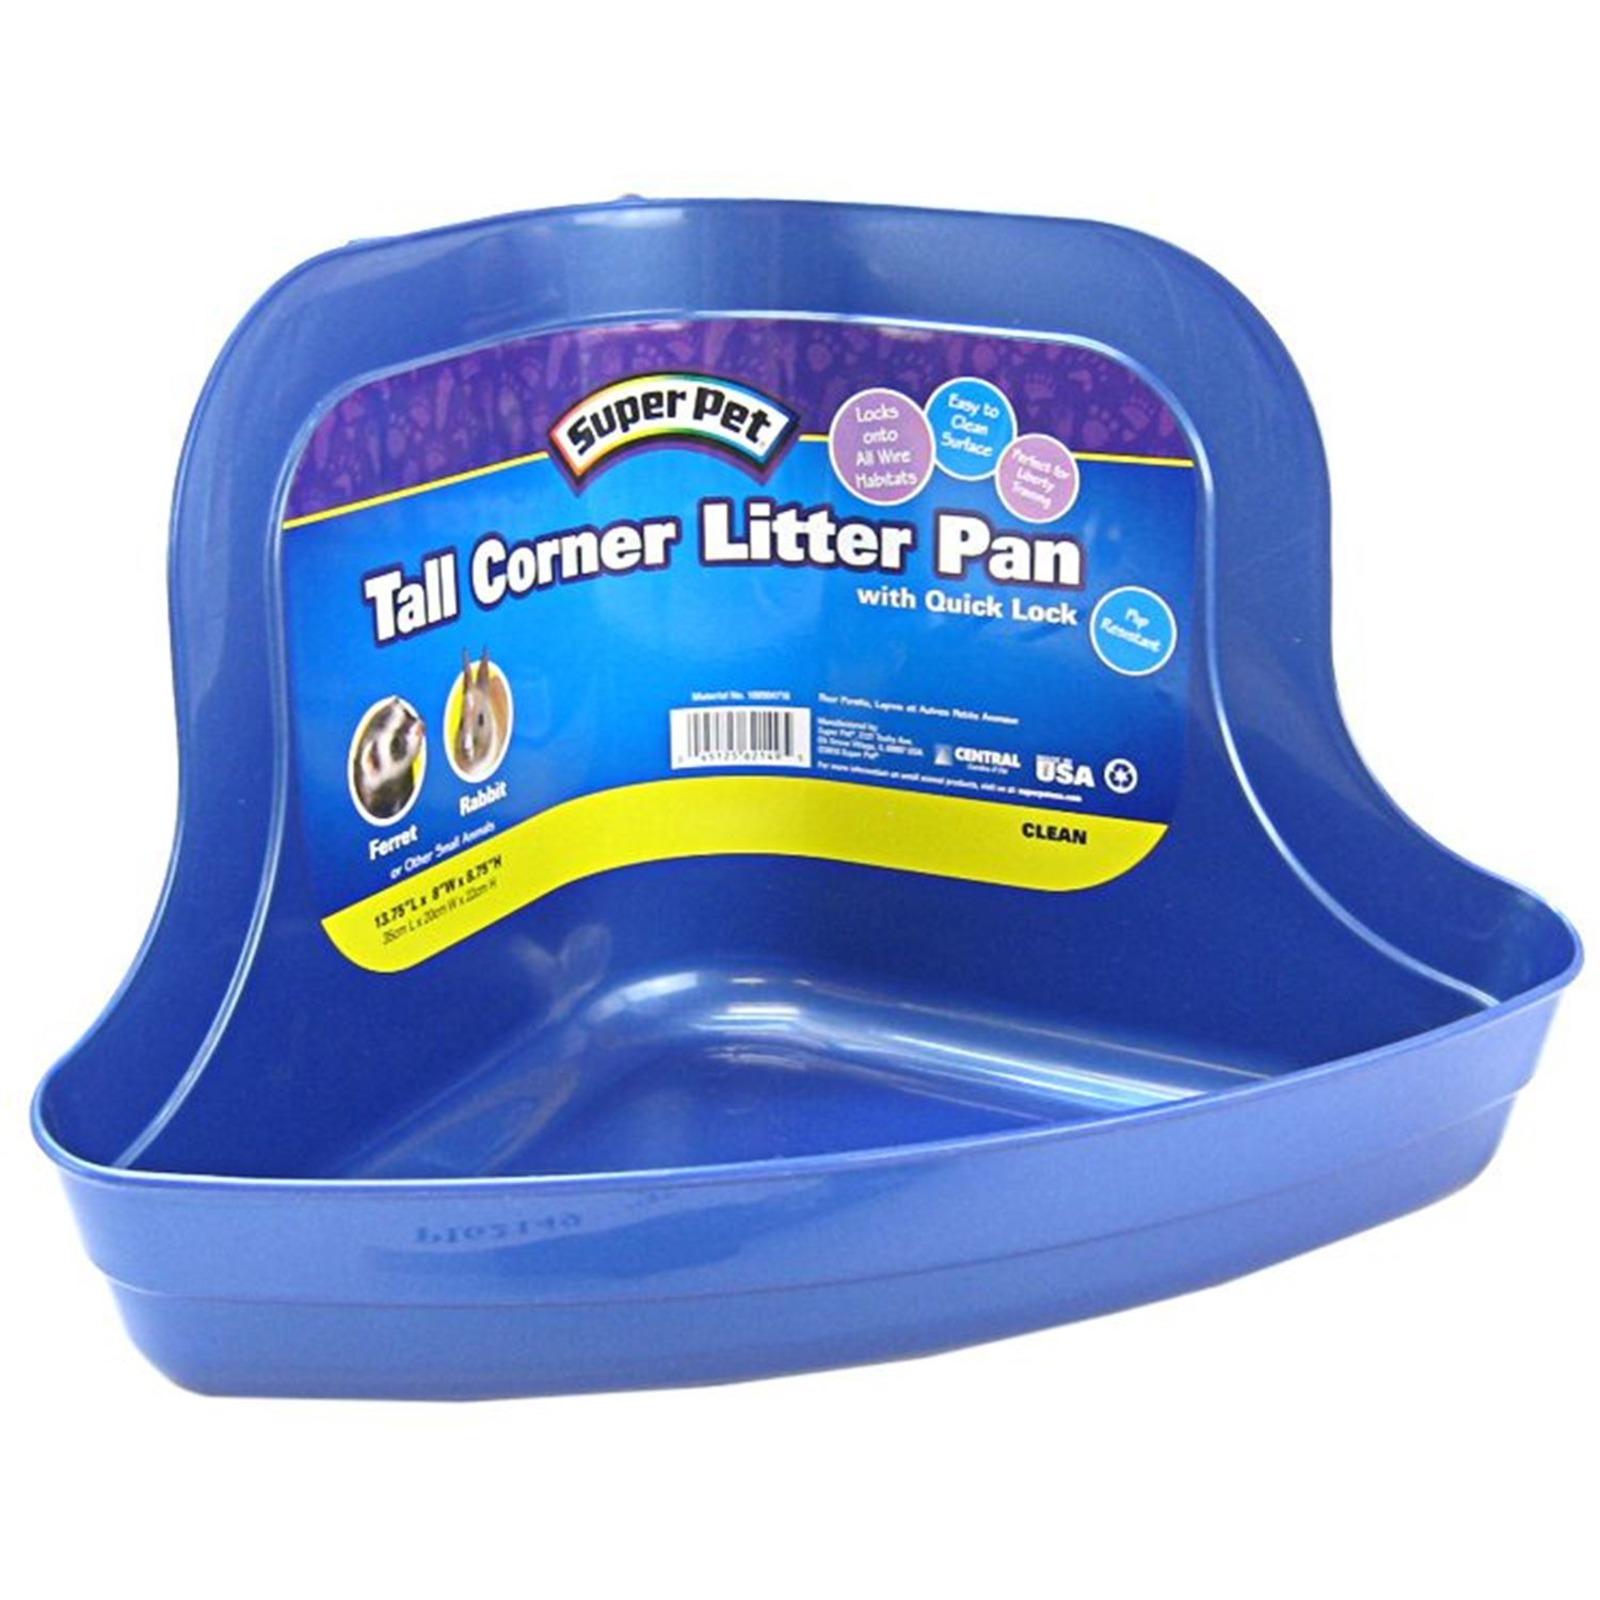 Super Pet Tall Corner Litter Pan